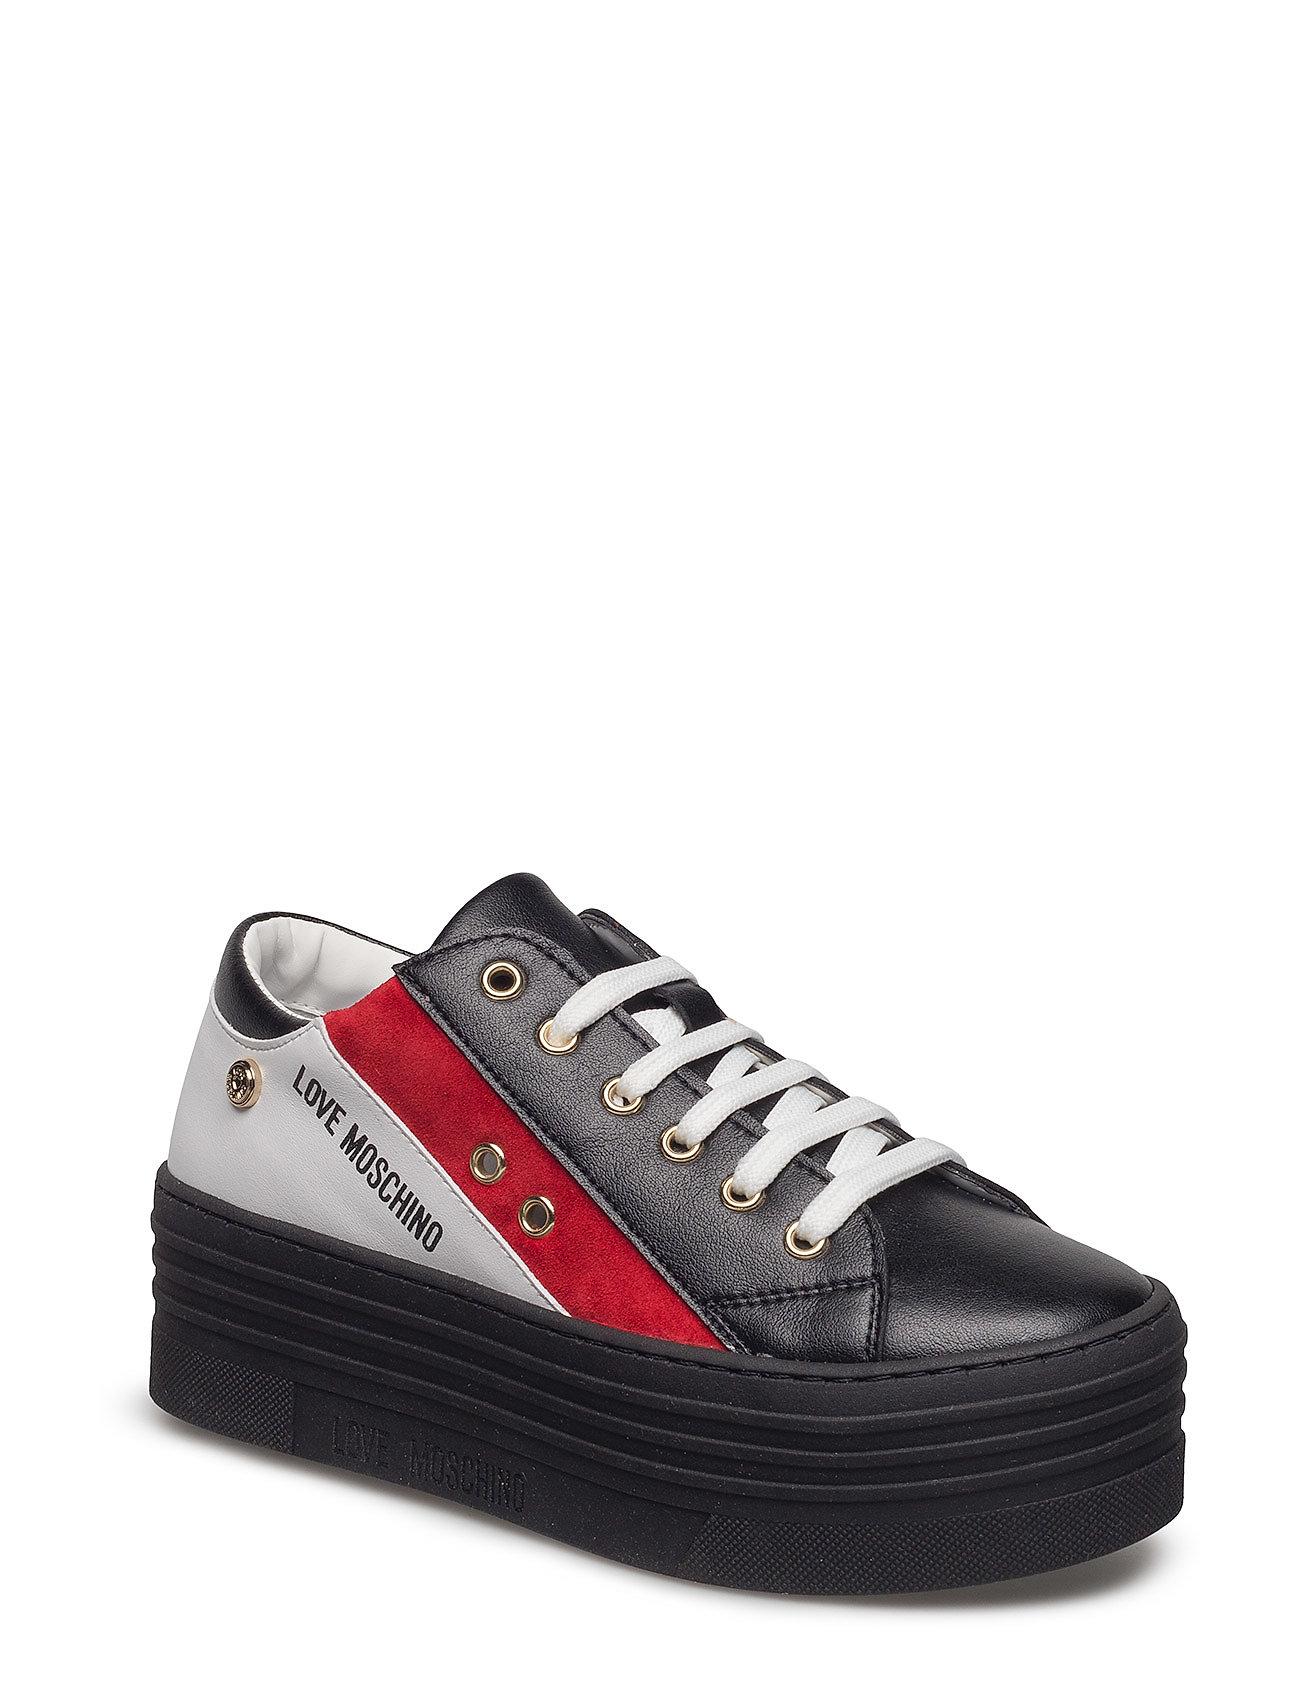 8d01e69f 45 Moschino sneakers Love Moschino Love Black kr 1154 Sko wFBWqTZ